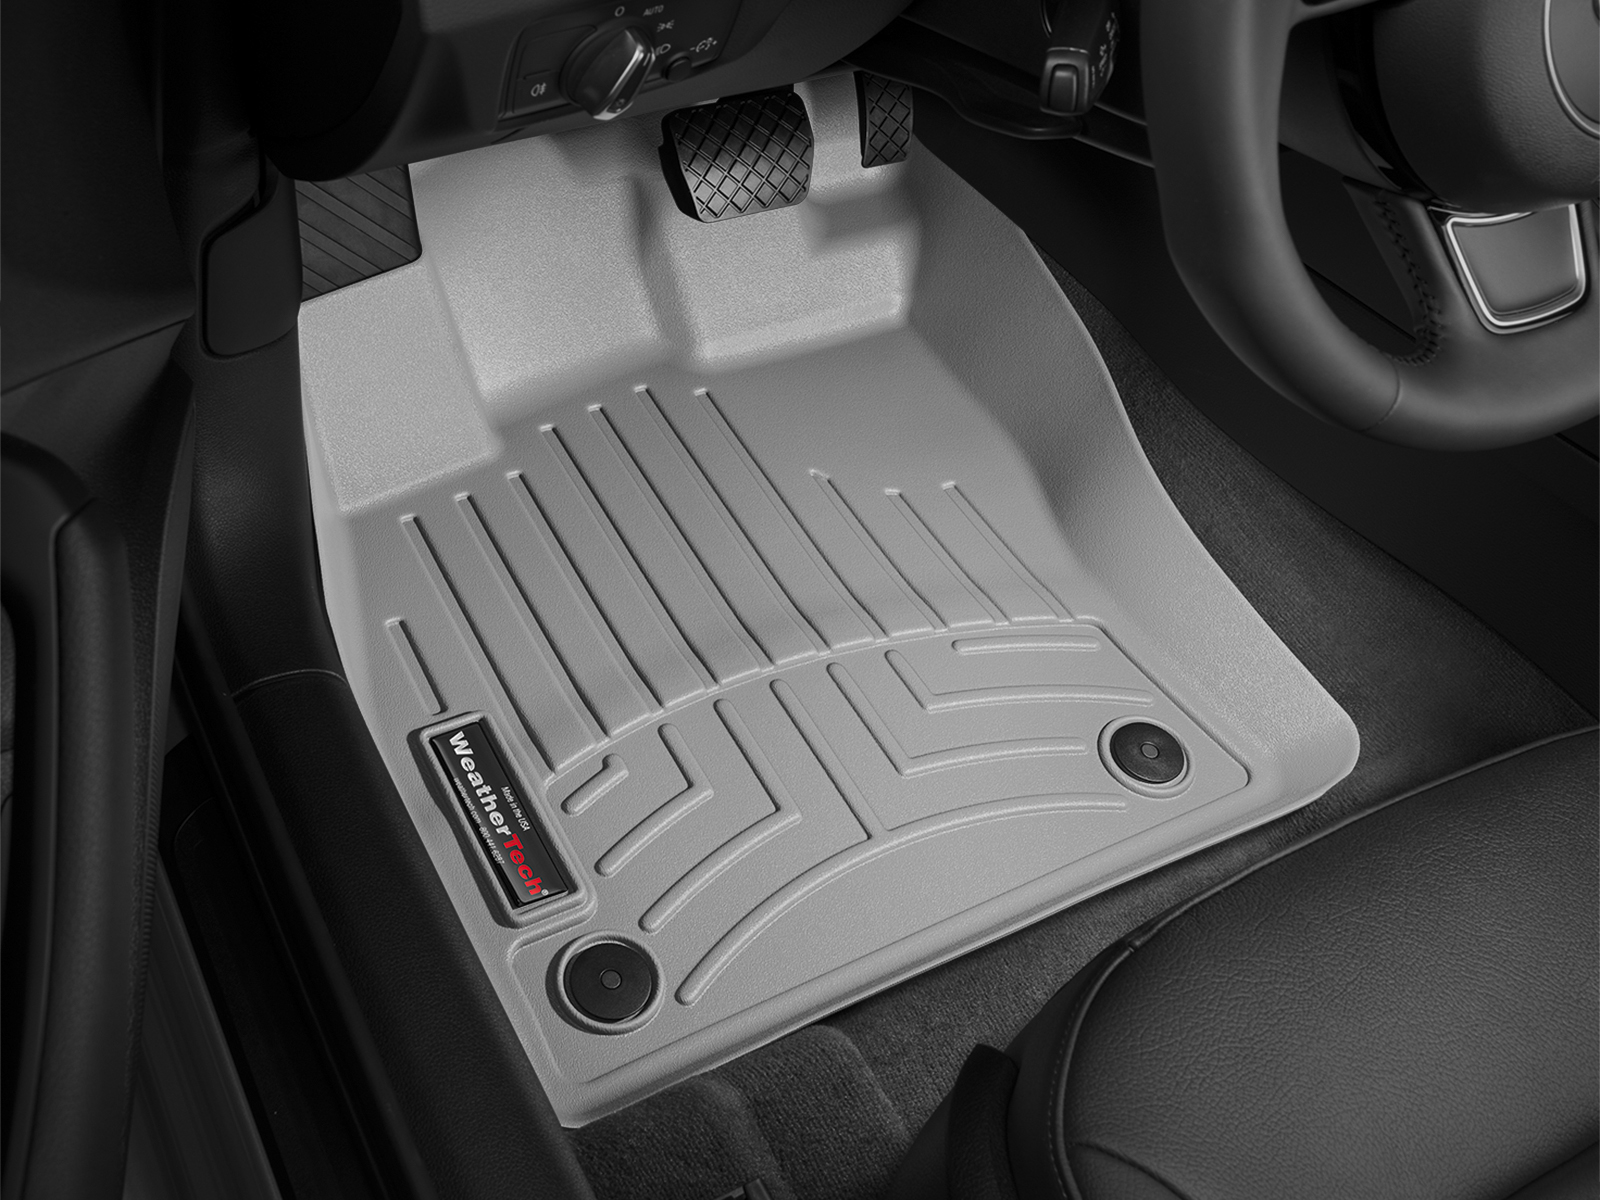 Tappeti gomma su misura bordo alto Volkswagen Golf 13>17 Grigio A4058*